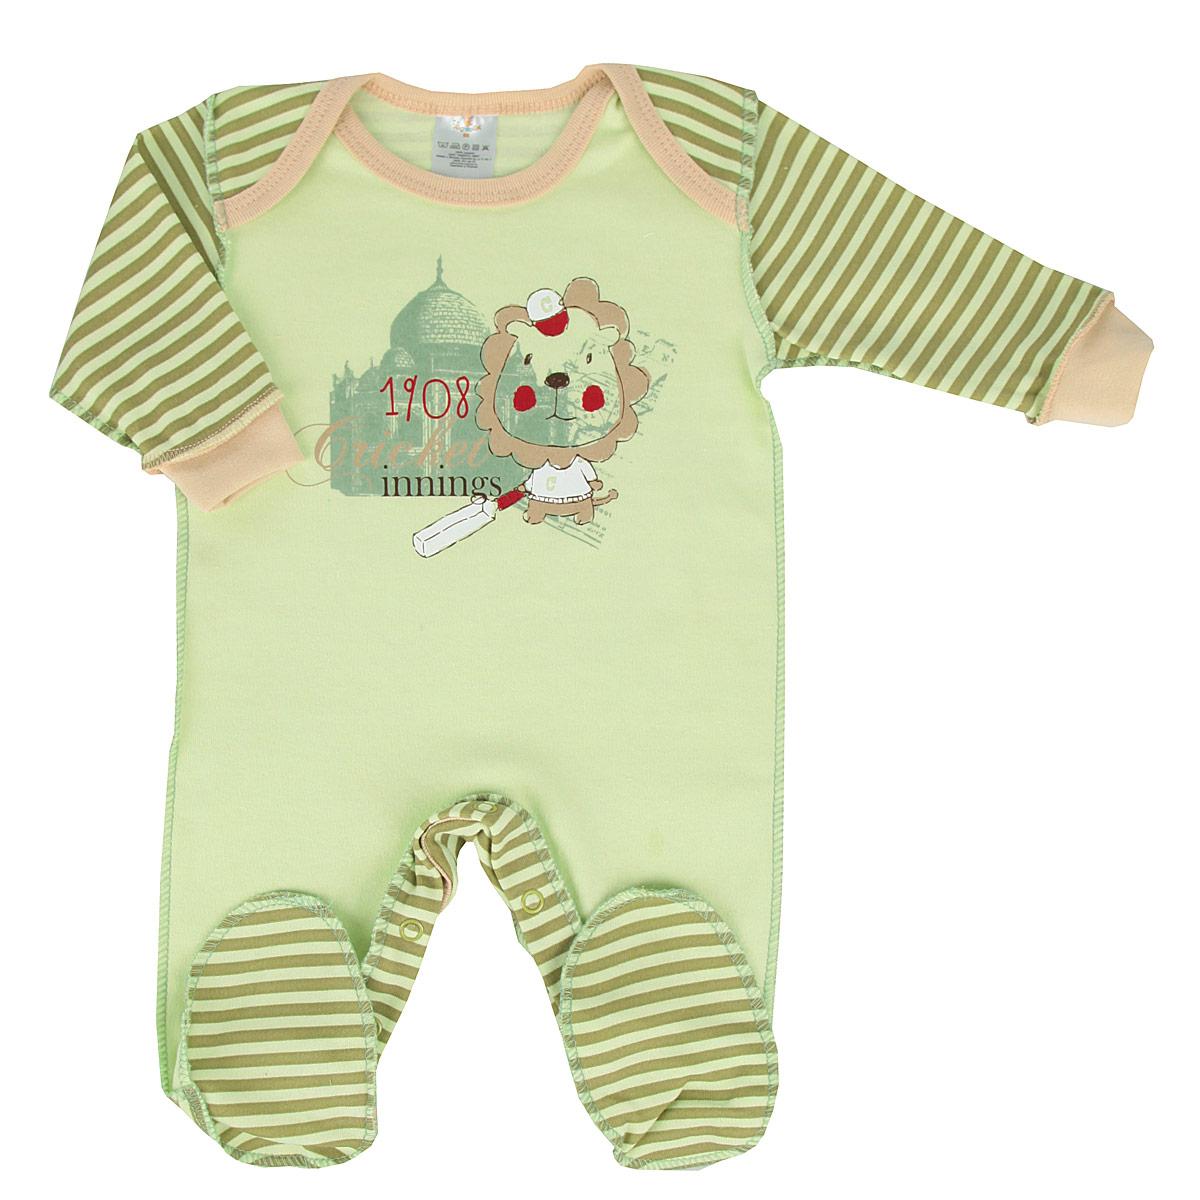 Комбинезон для мальчика. 61836183Детский комбинезон для мальчика КотМарКот - очень удобный и практичный вид одежды для малышей. Комбинезон выполнен из натурального хлопка, благодаря чему он необычайно мягкий и приятный на ощупь, не раздражает нежную кожу ребенка, хорошо вентилируется, и не препятствует его движениям. Комбинезон с длинными рукавами и закрытыми ножками имеет удобные запахи на плечах и застегивается при помощи ряда кнопок по внутреннему шву штанин, что помогает легко переодеть младенца и сменить подгузник. Рукава дополнены широкими трикотажными манжетами, которые мягко обхватывают запястья. Комбинезон декорирован принтом в полоску и оформлен изображением очаровательного львенка-спортсмена. С этим детским комбинезоном спинка и ножки вашего малыша всегда будут в тепле, он идеален для использования днем и незаменим ночью. Комбинезон полностью соответствует особенностям жизни младенца в ранний период, не стесняя и не ограничивая его в движениях!